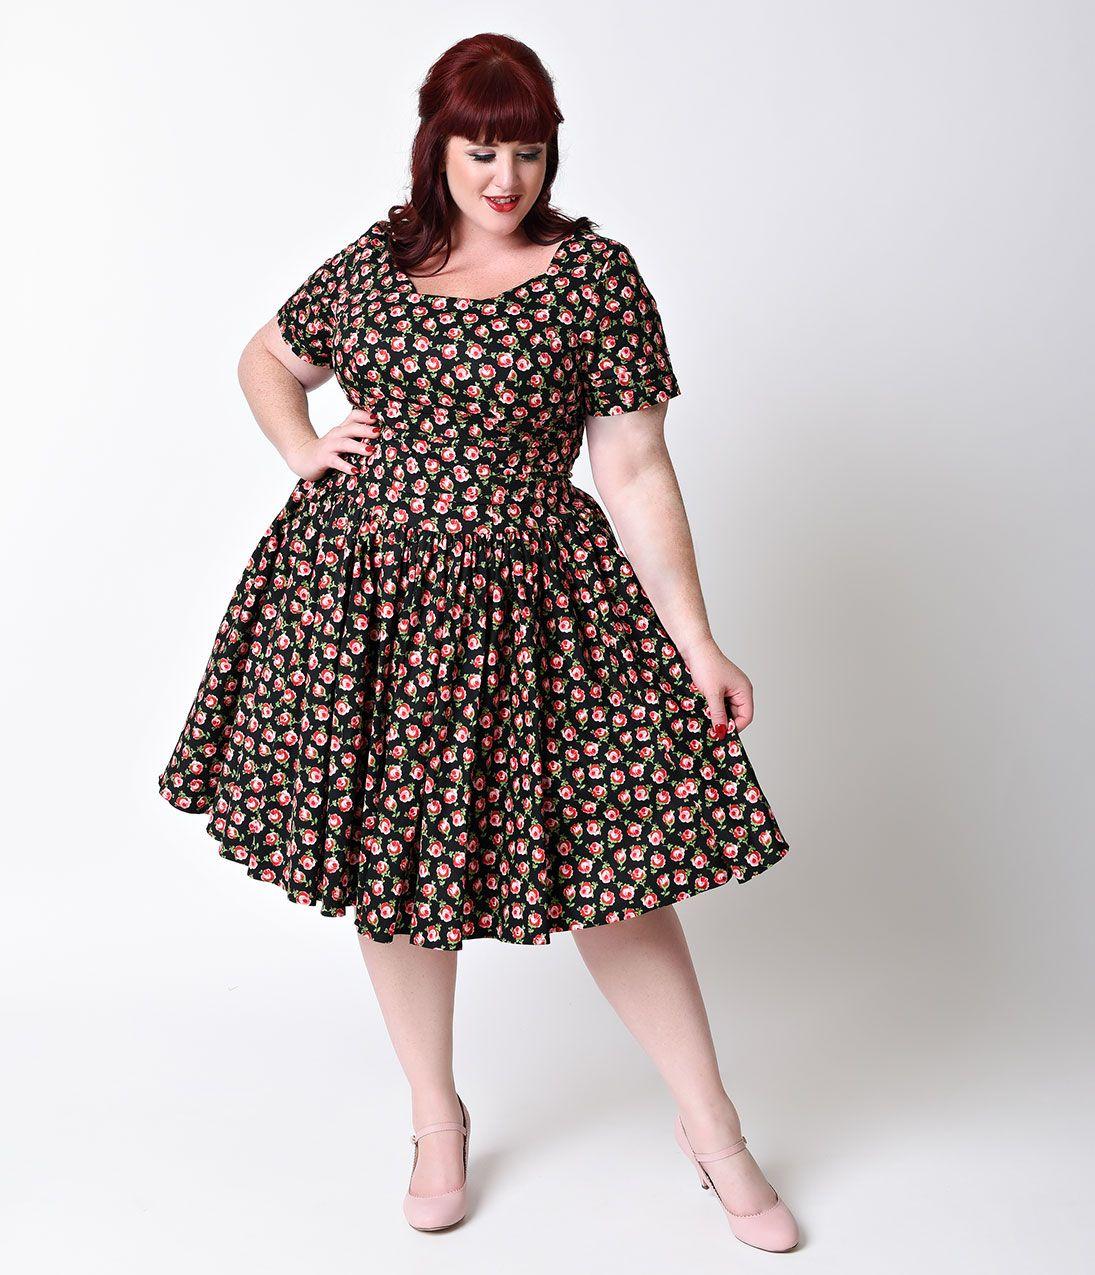 60s 70s Plus Size Dresses Clothing Costumes Plus Size Retro Dresses Plus Size Cocktail Dresses Plus Size Dresses